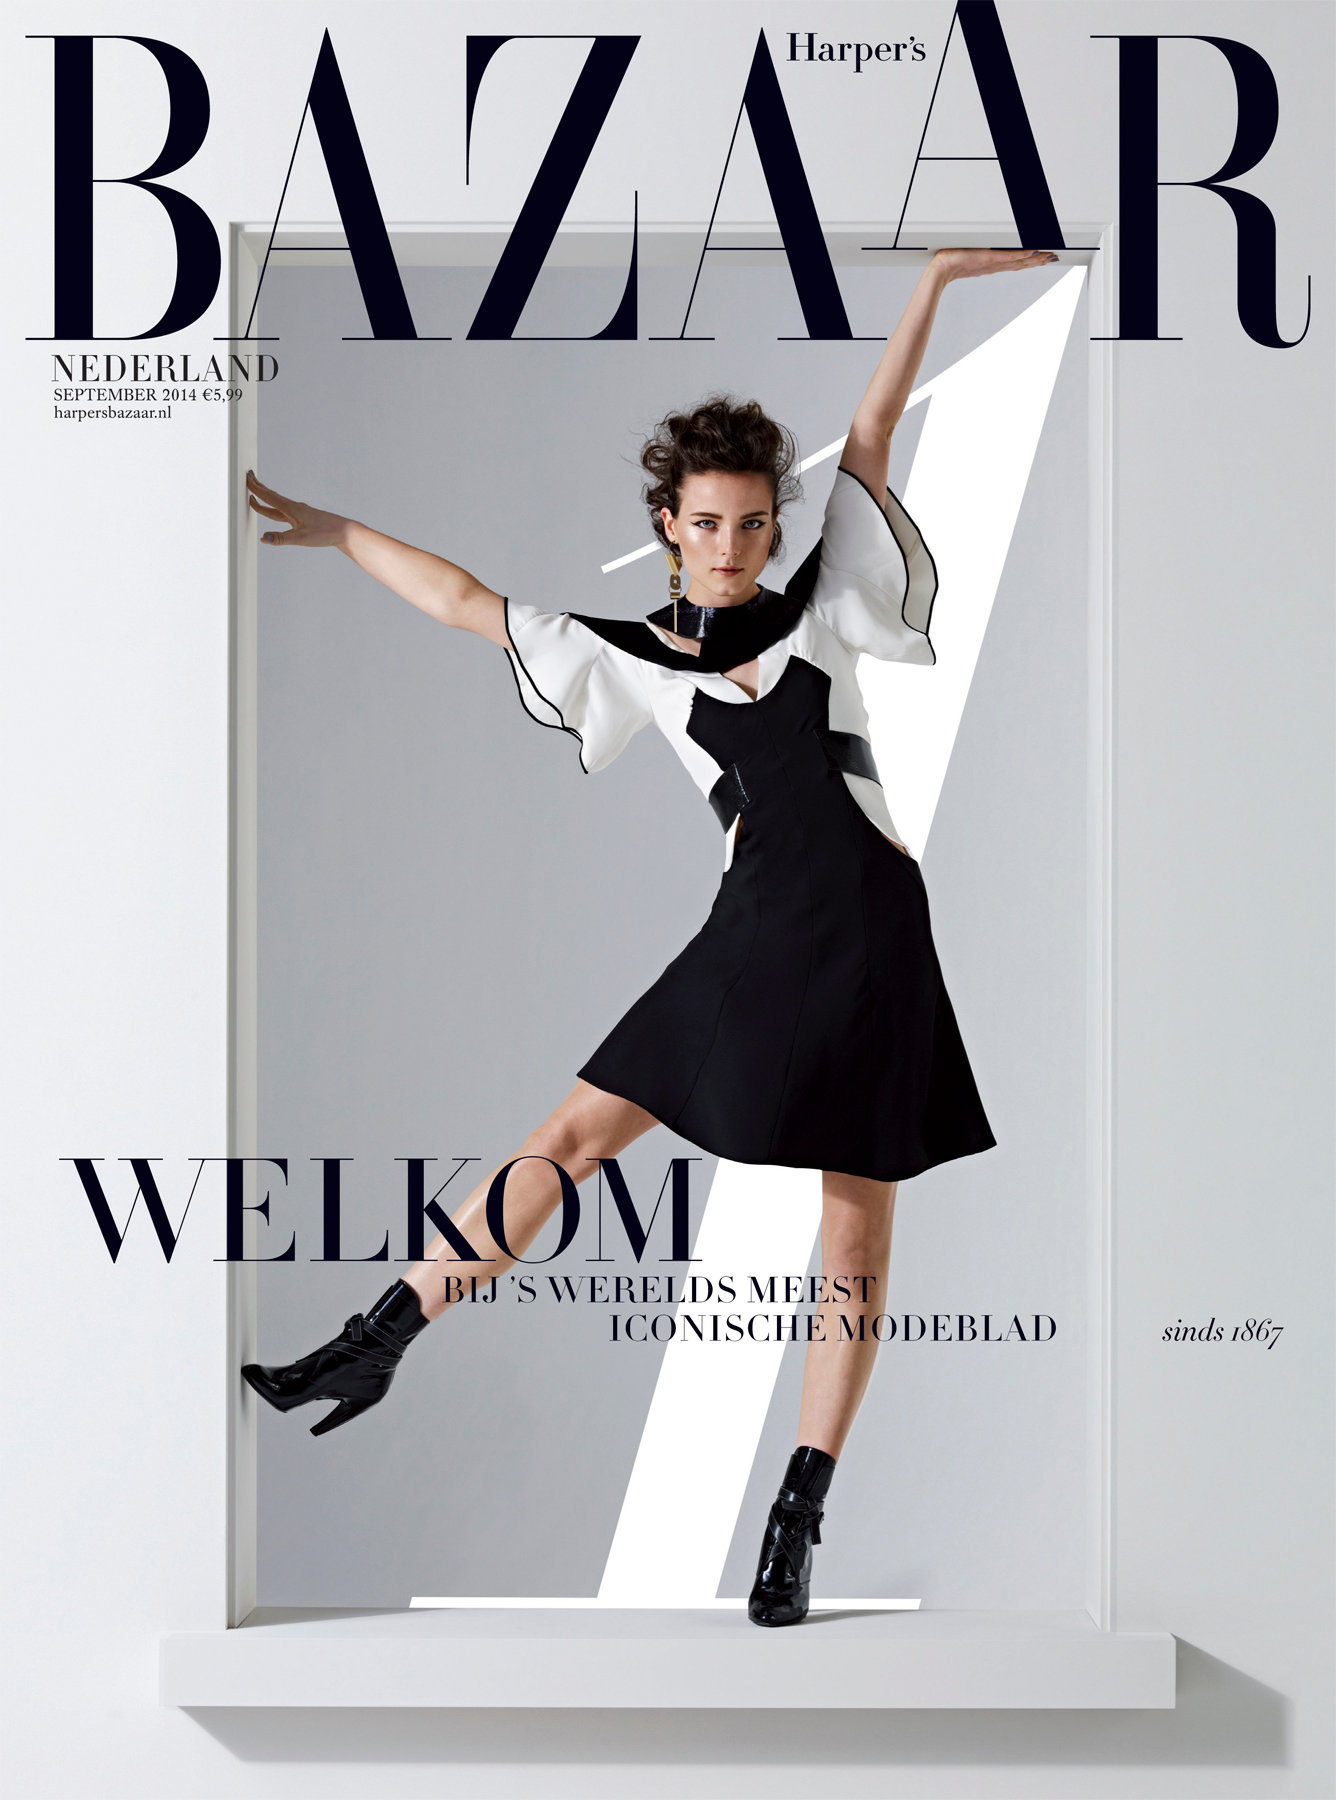 Harpers Bazaar NL issue #1